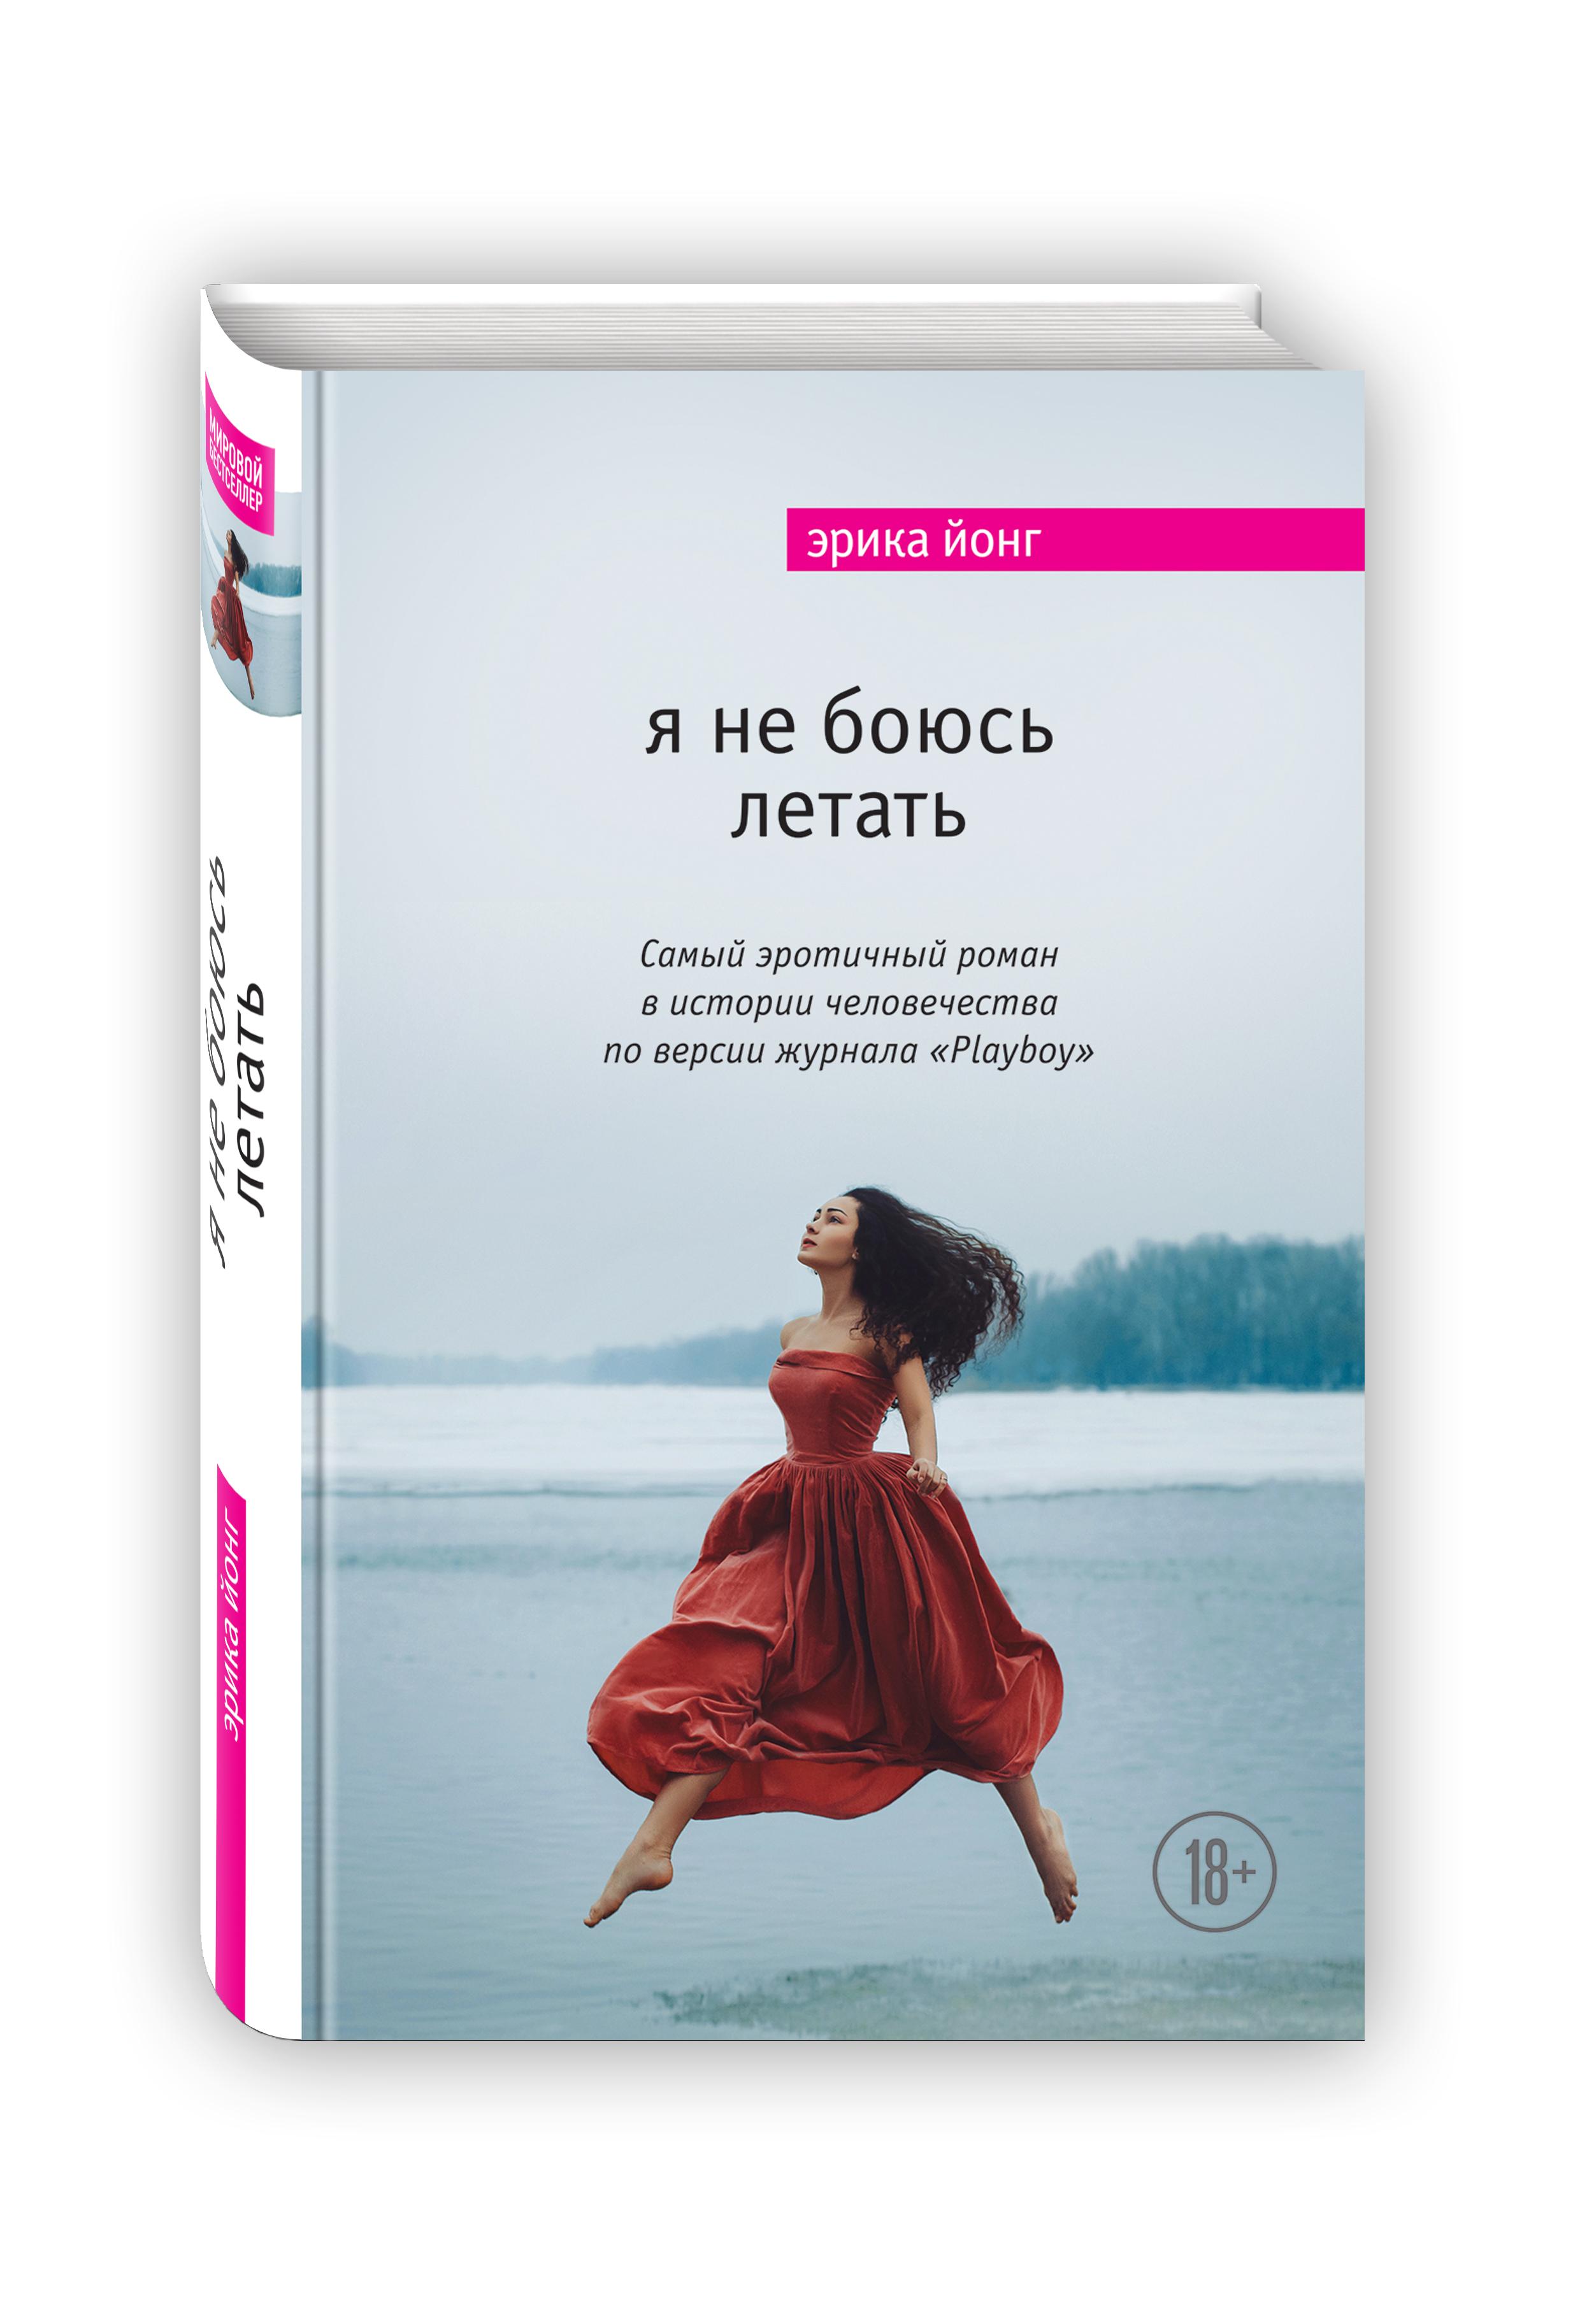 Комплект. Я не боюсь летать + Розовый костюм